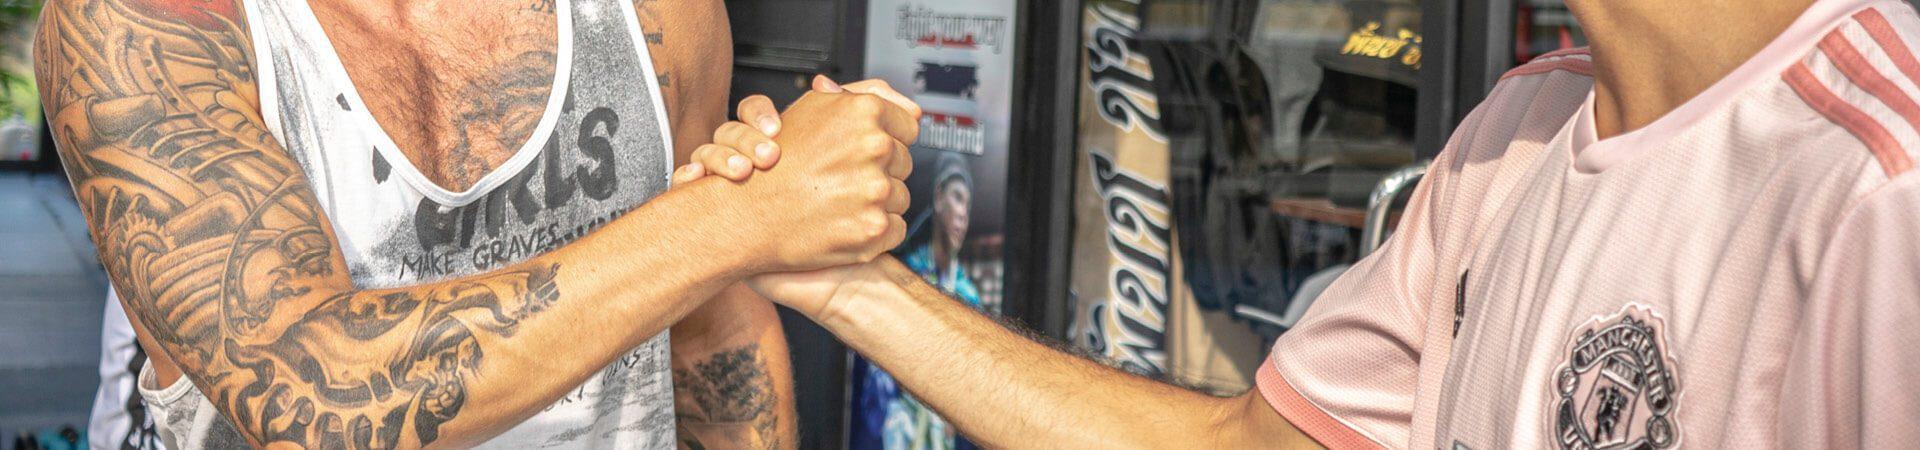 Partner von Muay Thai Gym Punchit